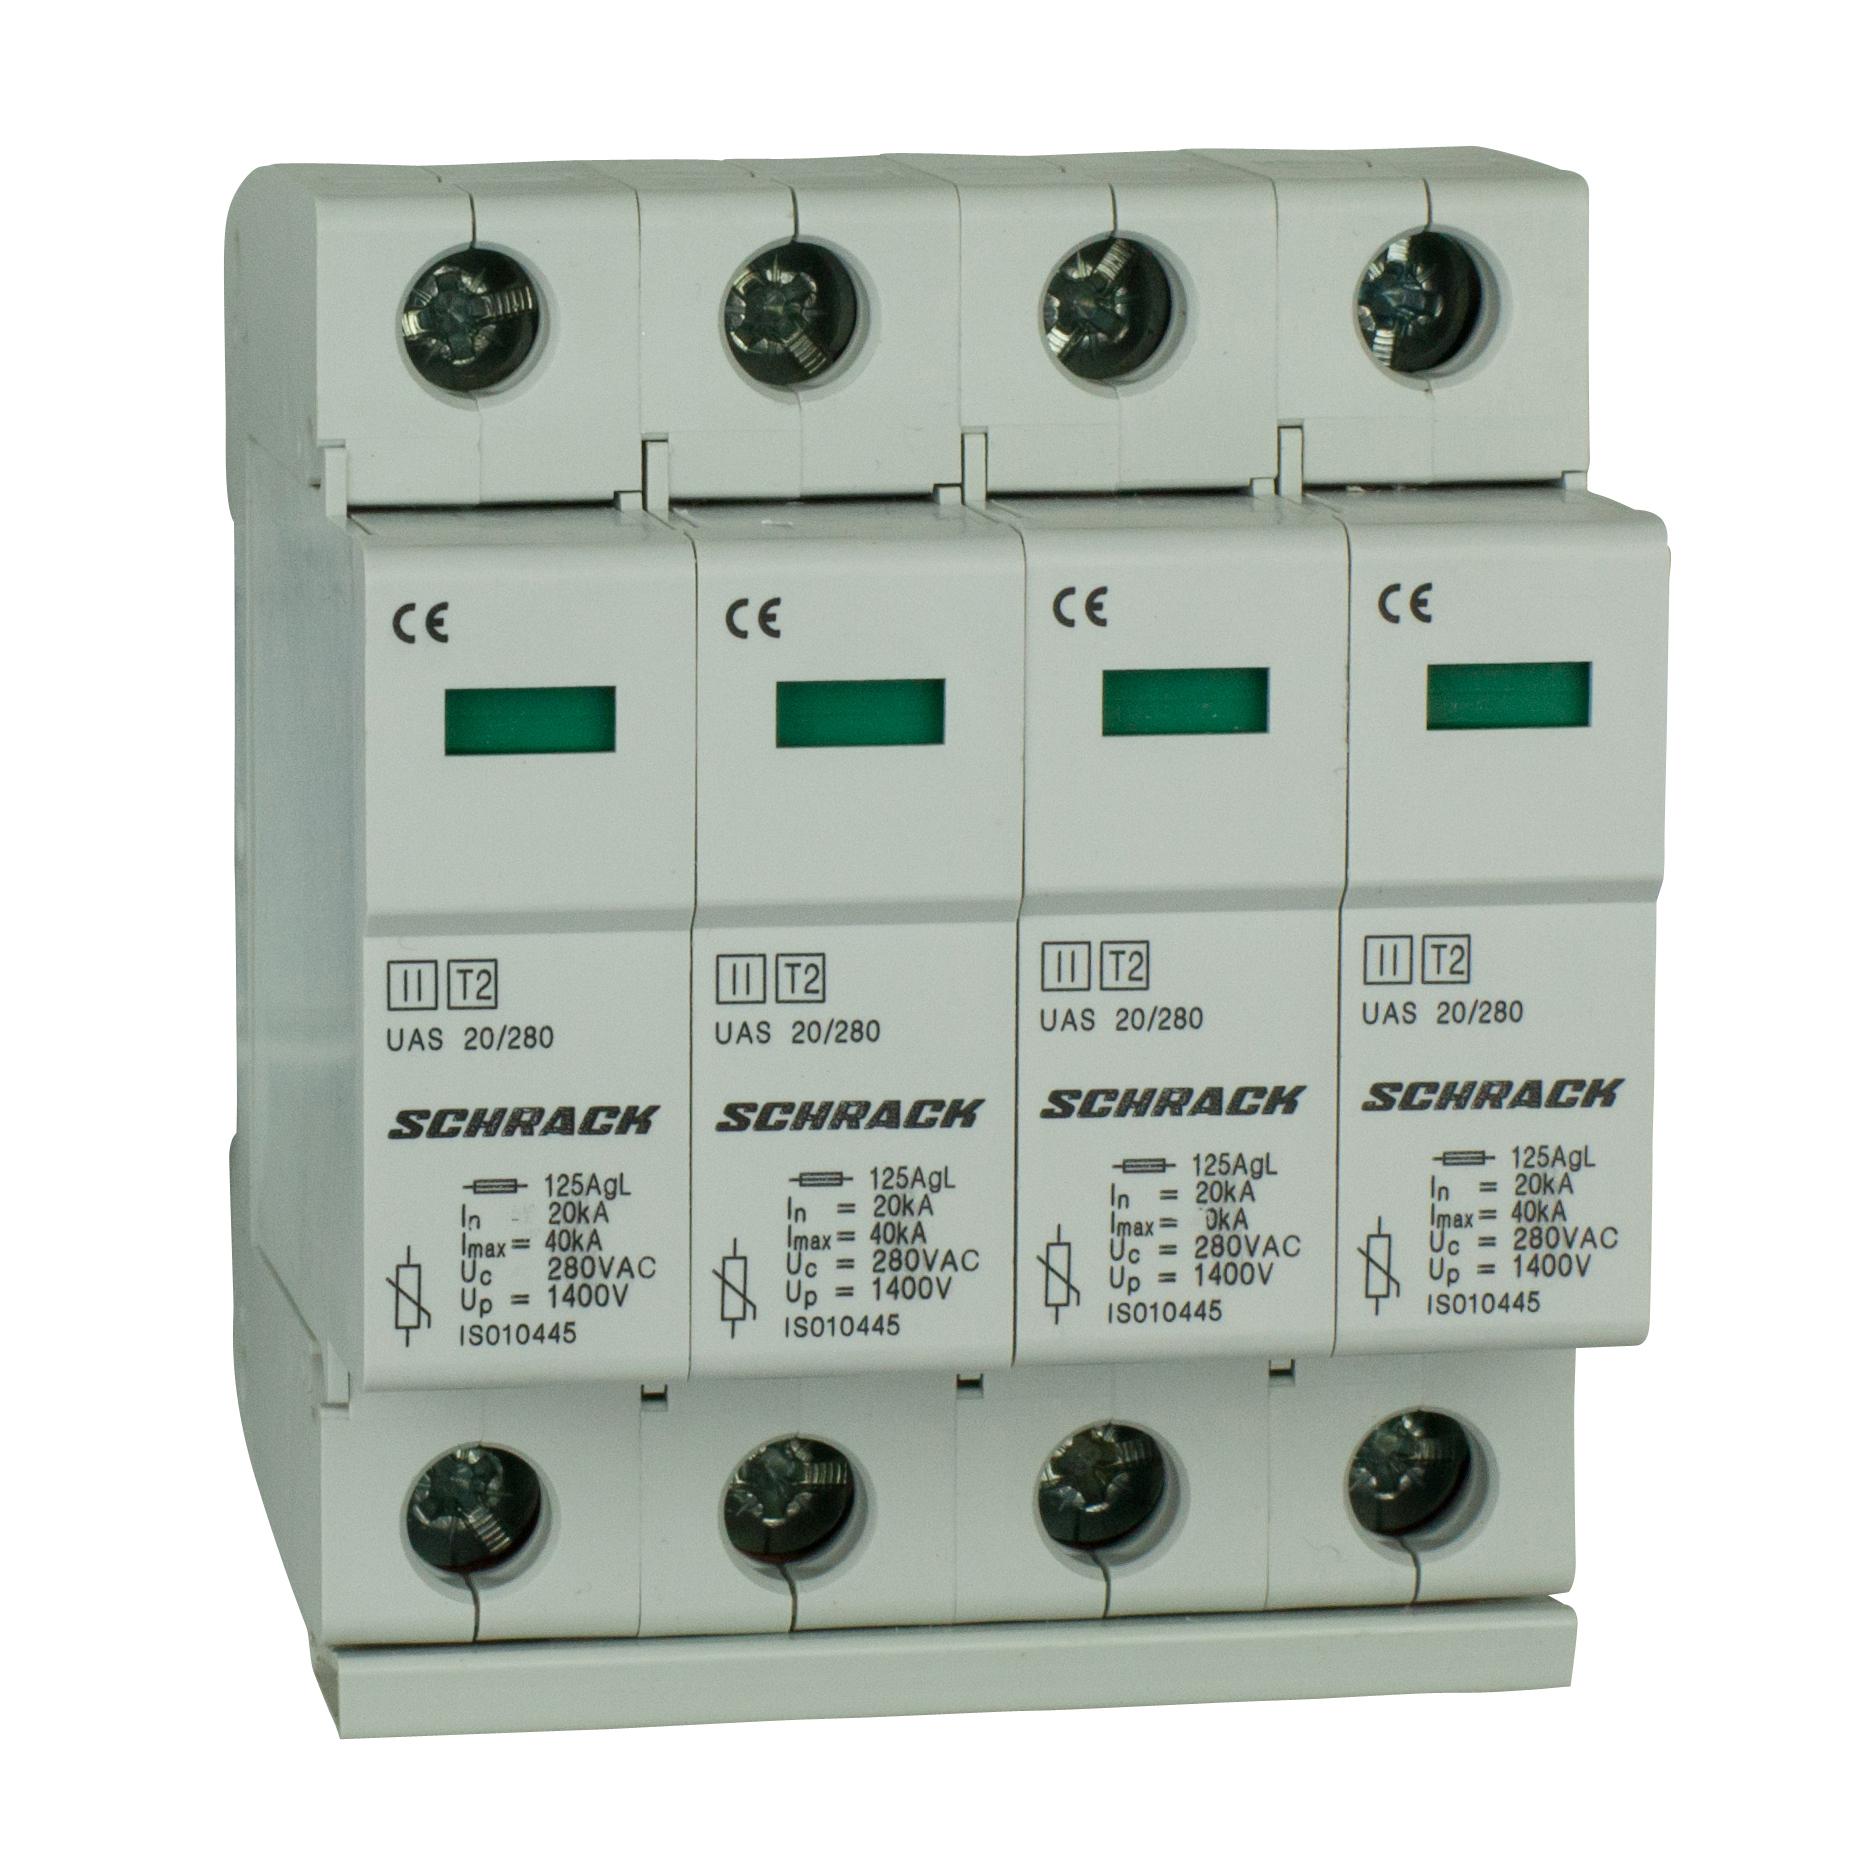 1 Stk T2/C - Ableiter komplett, 4p, 4x20kA/280V - Serie UAS IS010449--